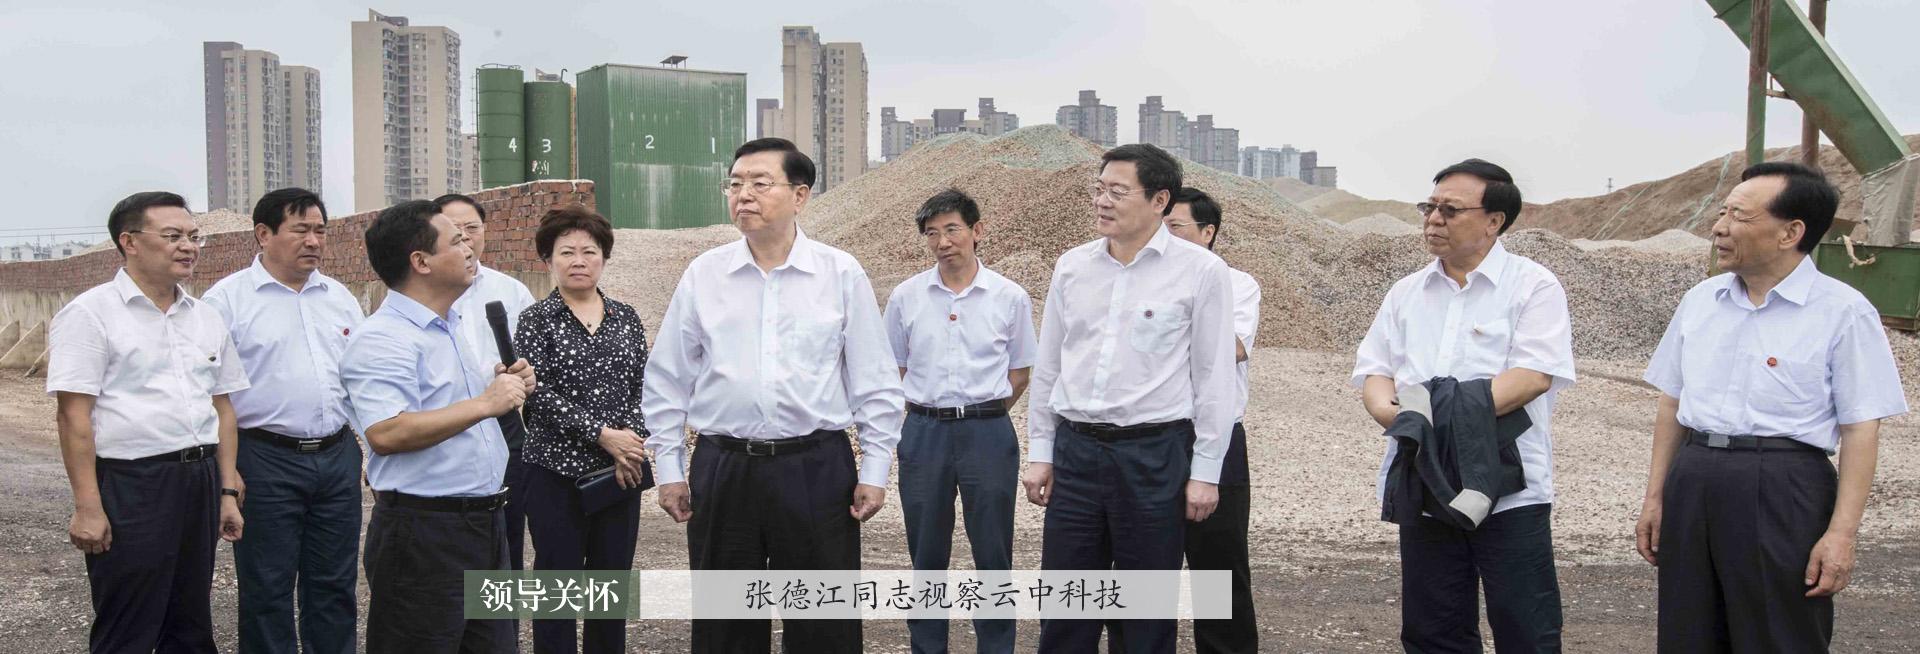 2017年8月15日,时任全国人大常委会委员长张德江视察mg4355科技建筑垃圾再生基地